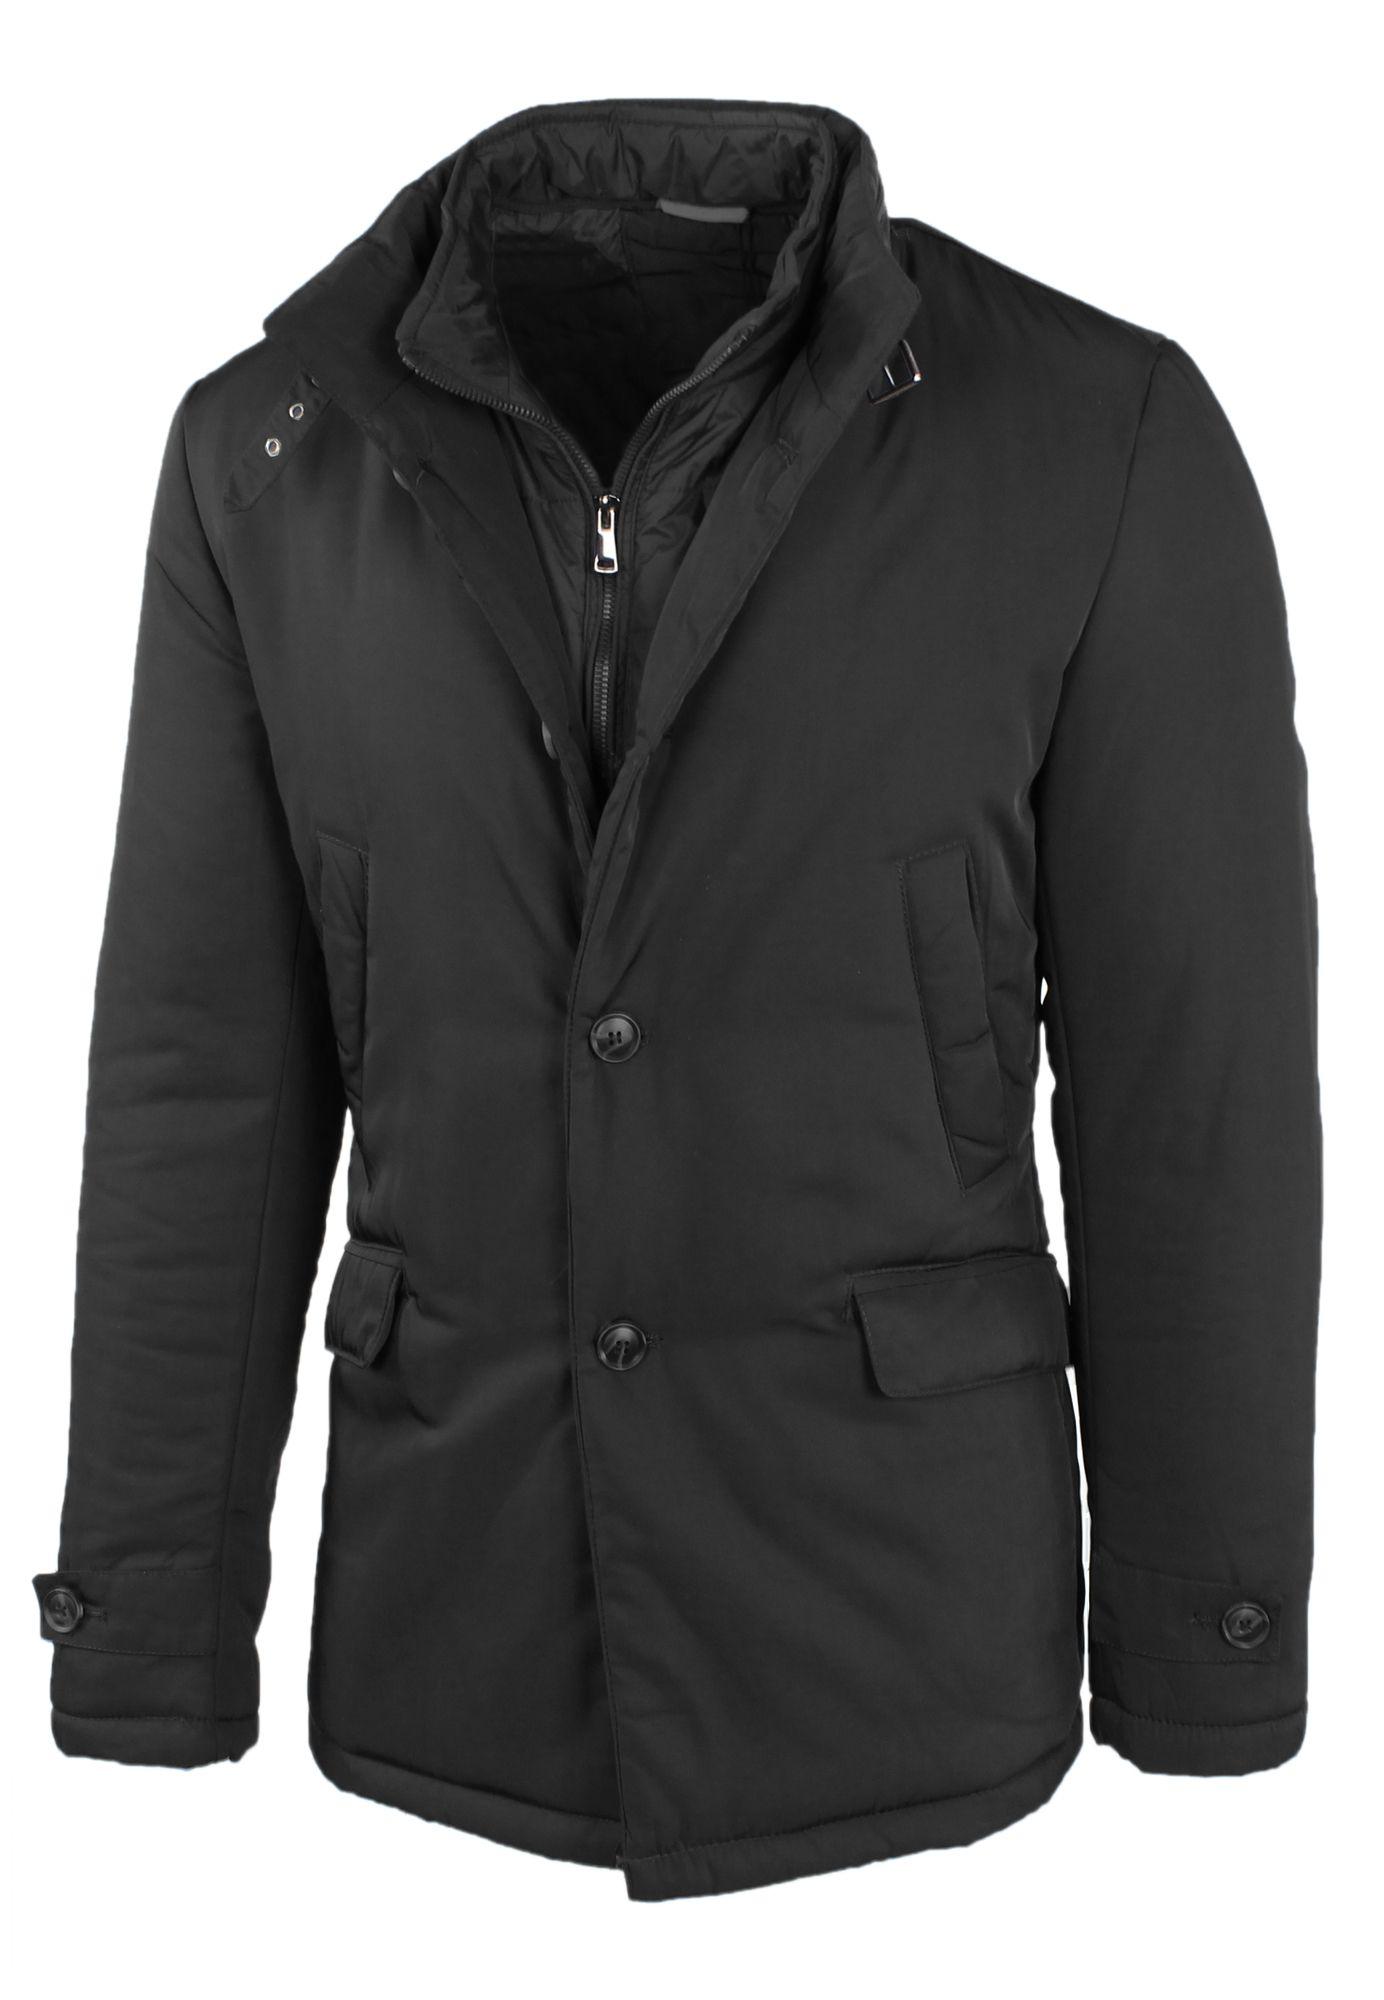 Giubbotto-Uomo-Invernale-Giaccone-Elegante-Giubbino-Sartoriale-Blu-Nero-Cappotto miniatura 9